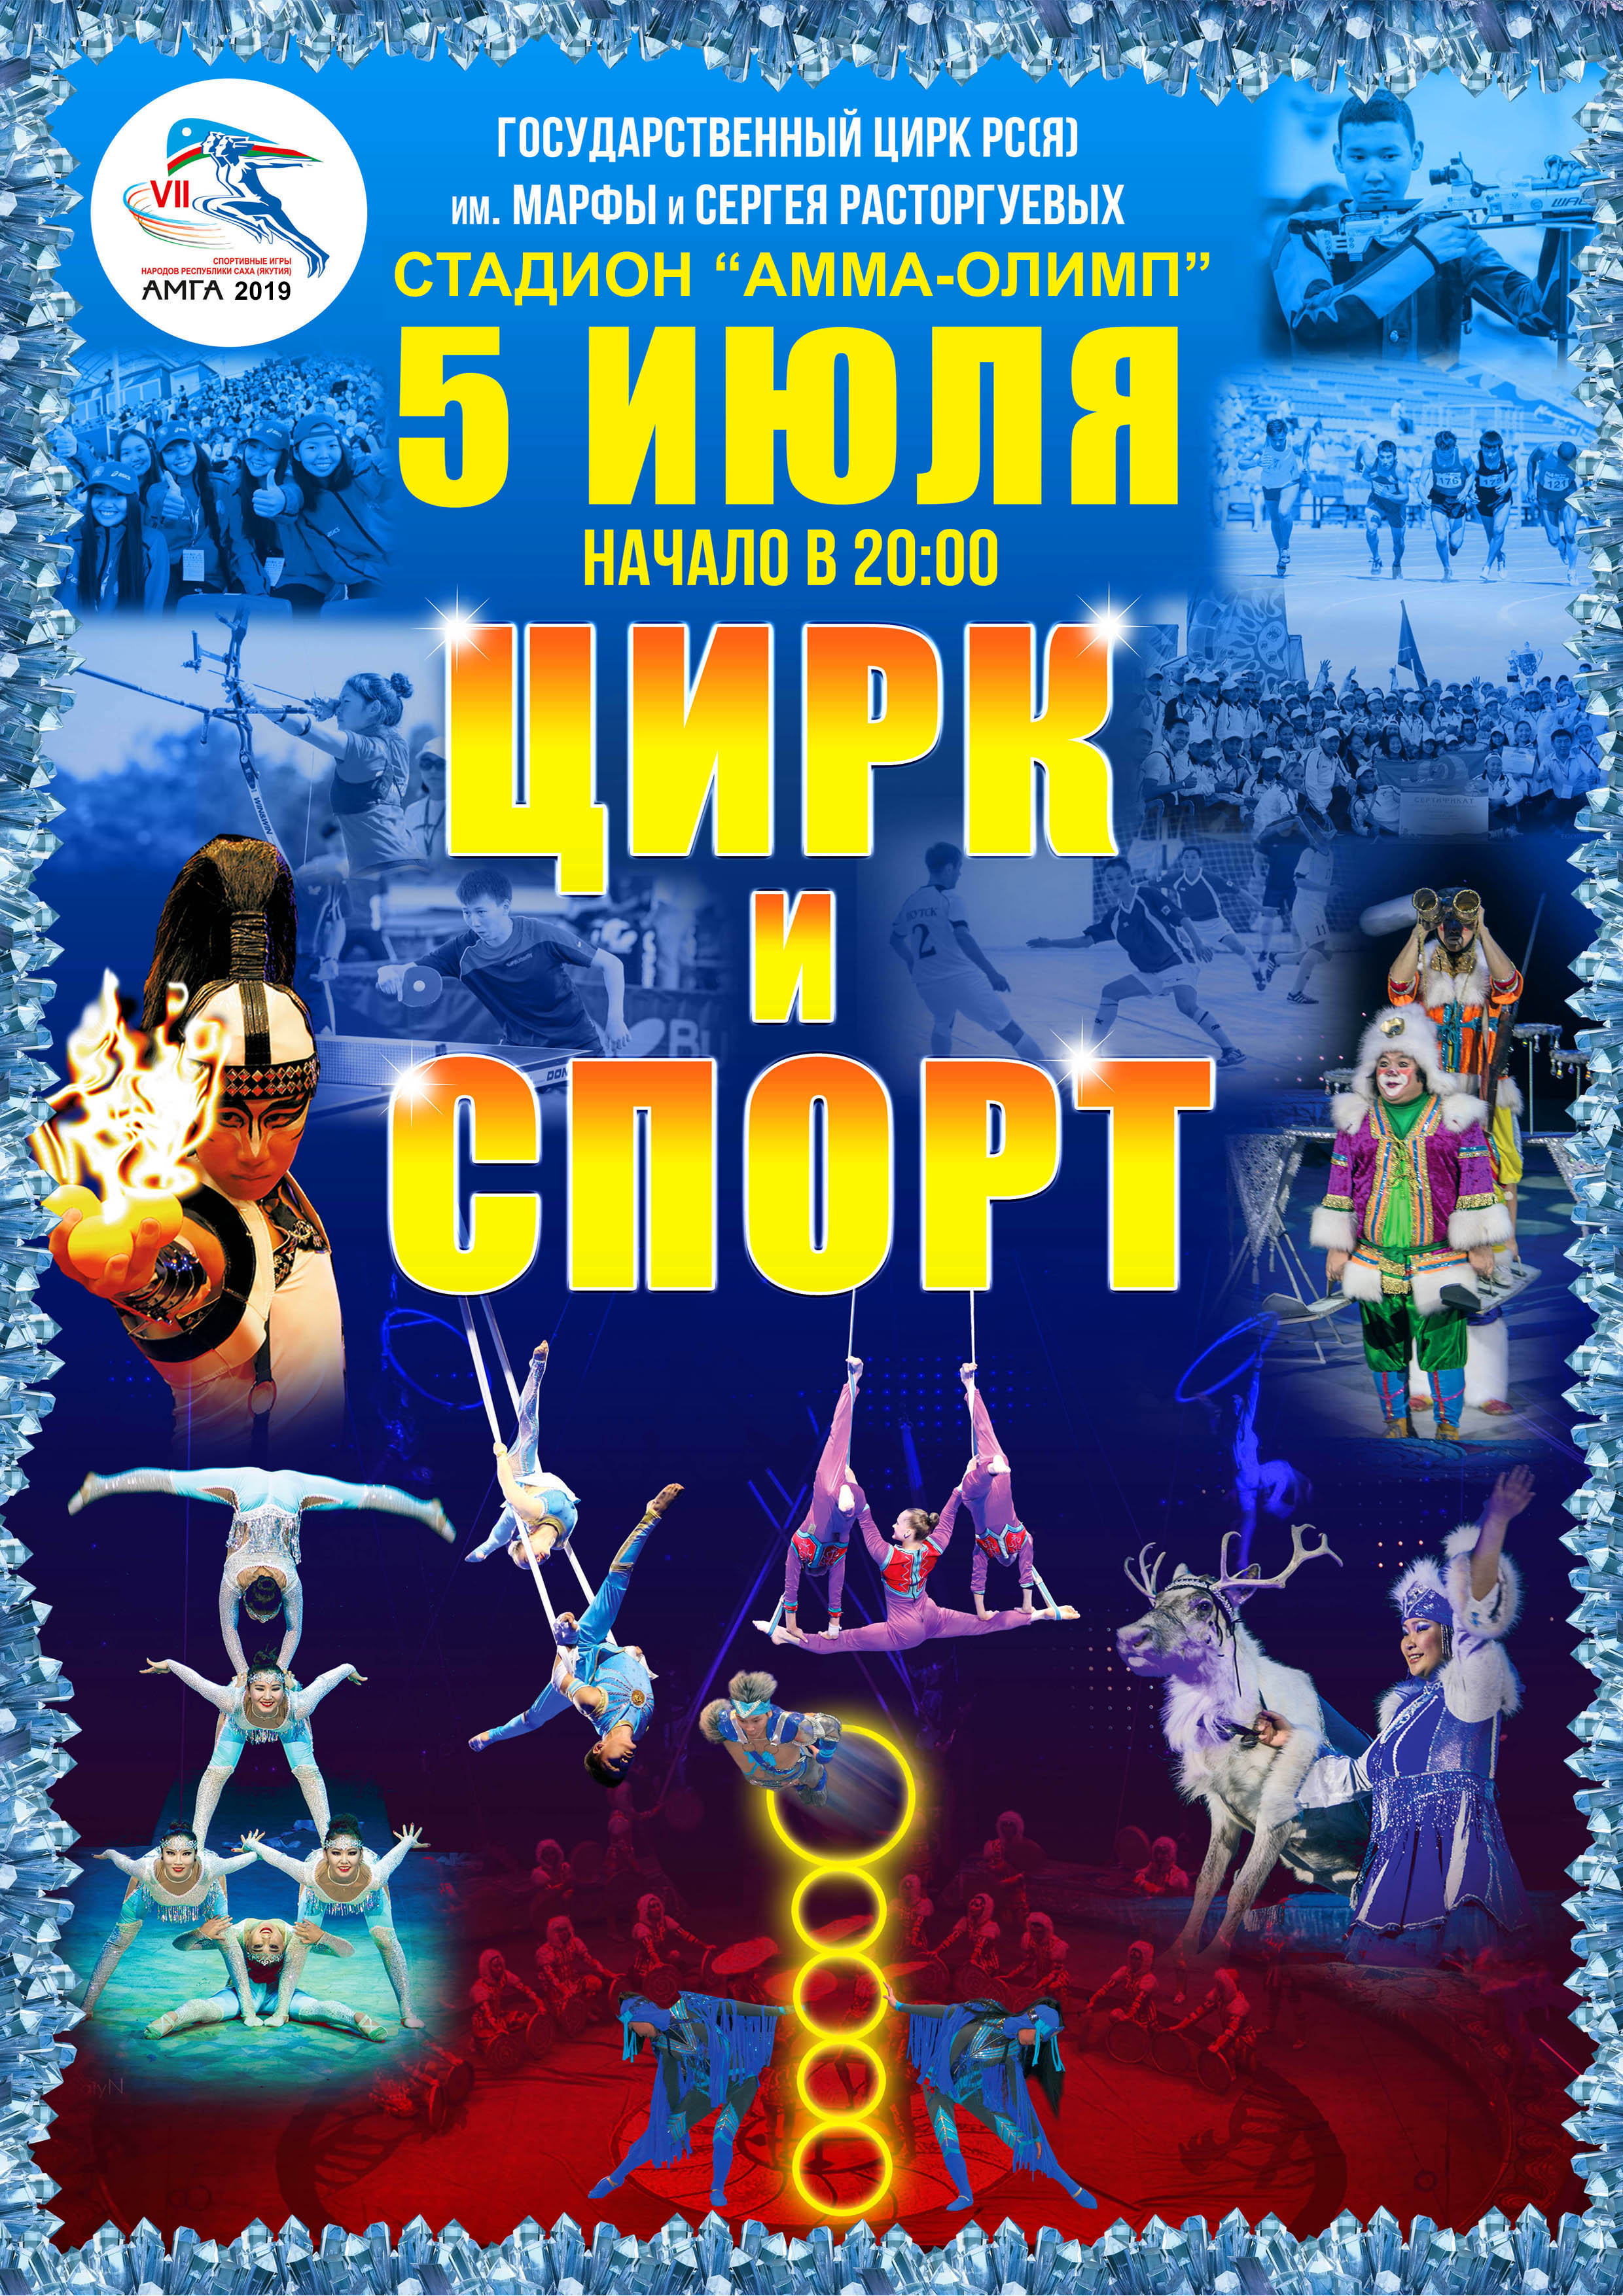 цирк_и_спорт_RGB.jpg